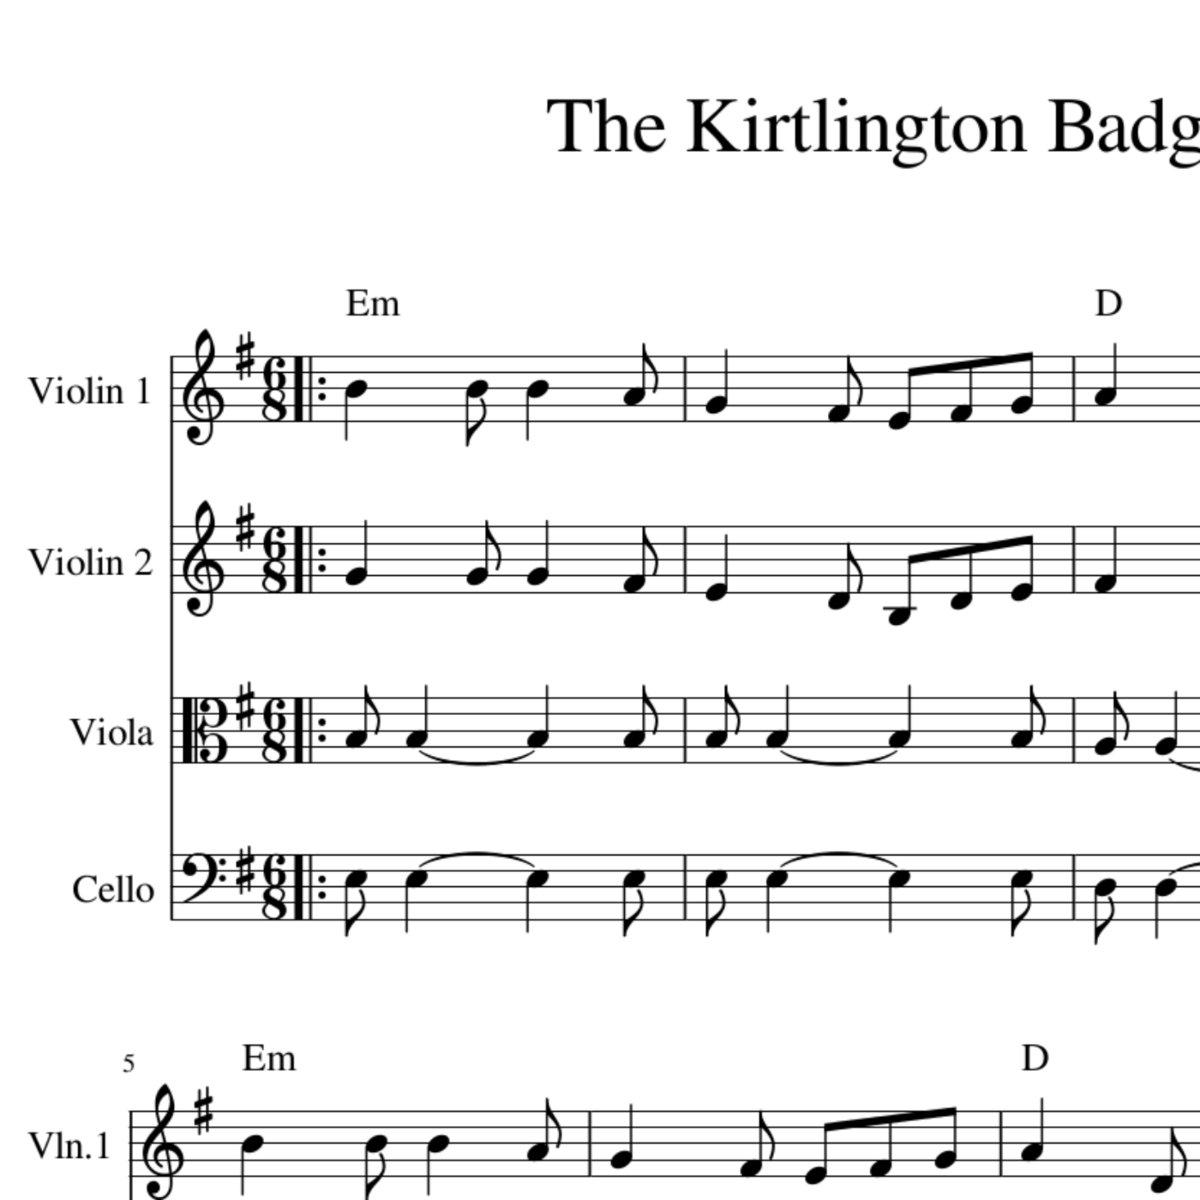 The Kirtlington Badger - New English Folk Tune for String Quartet